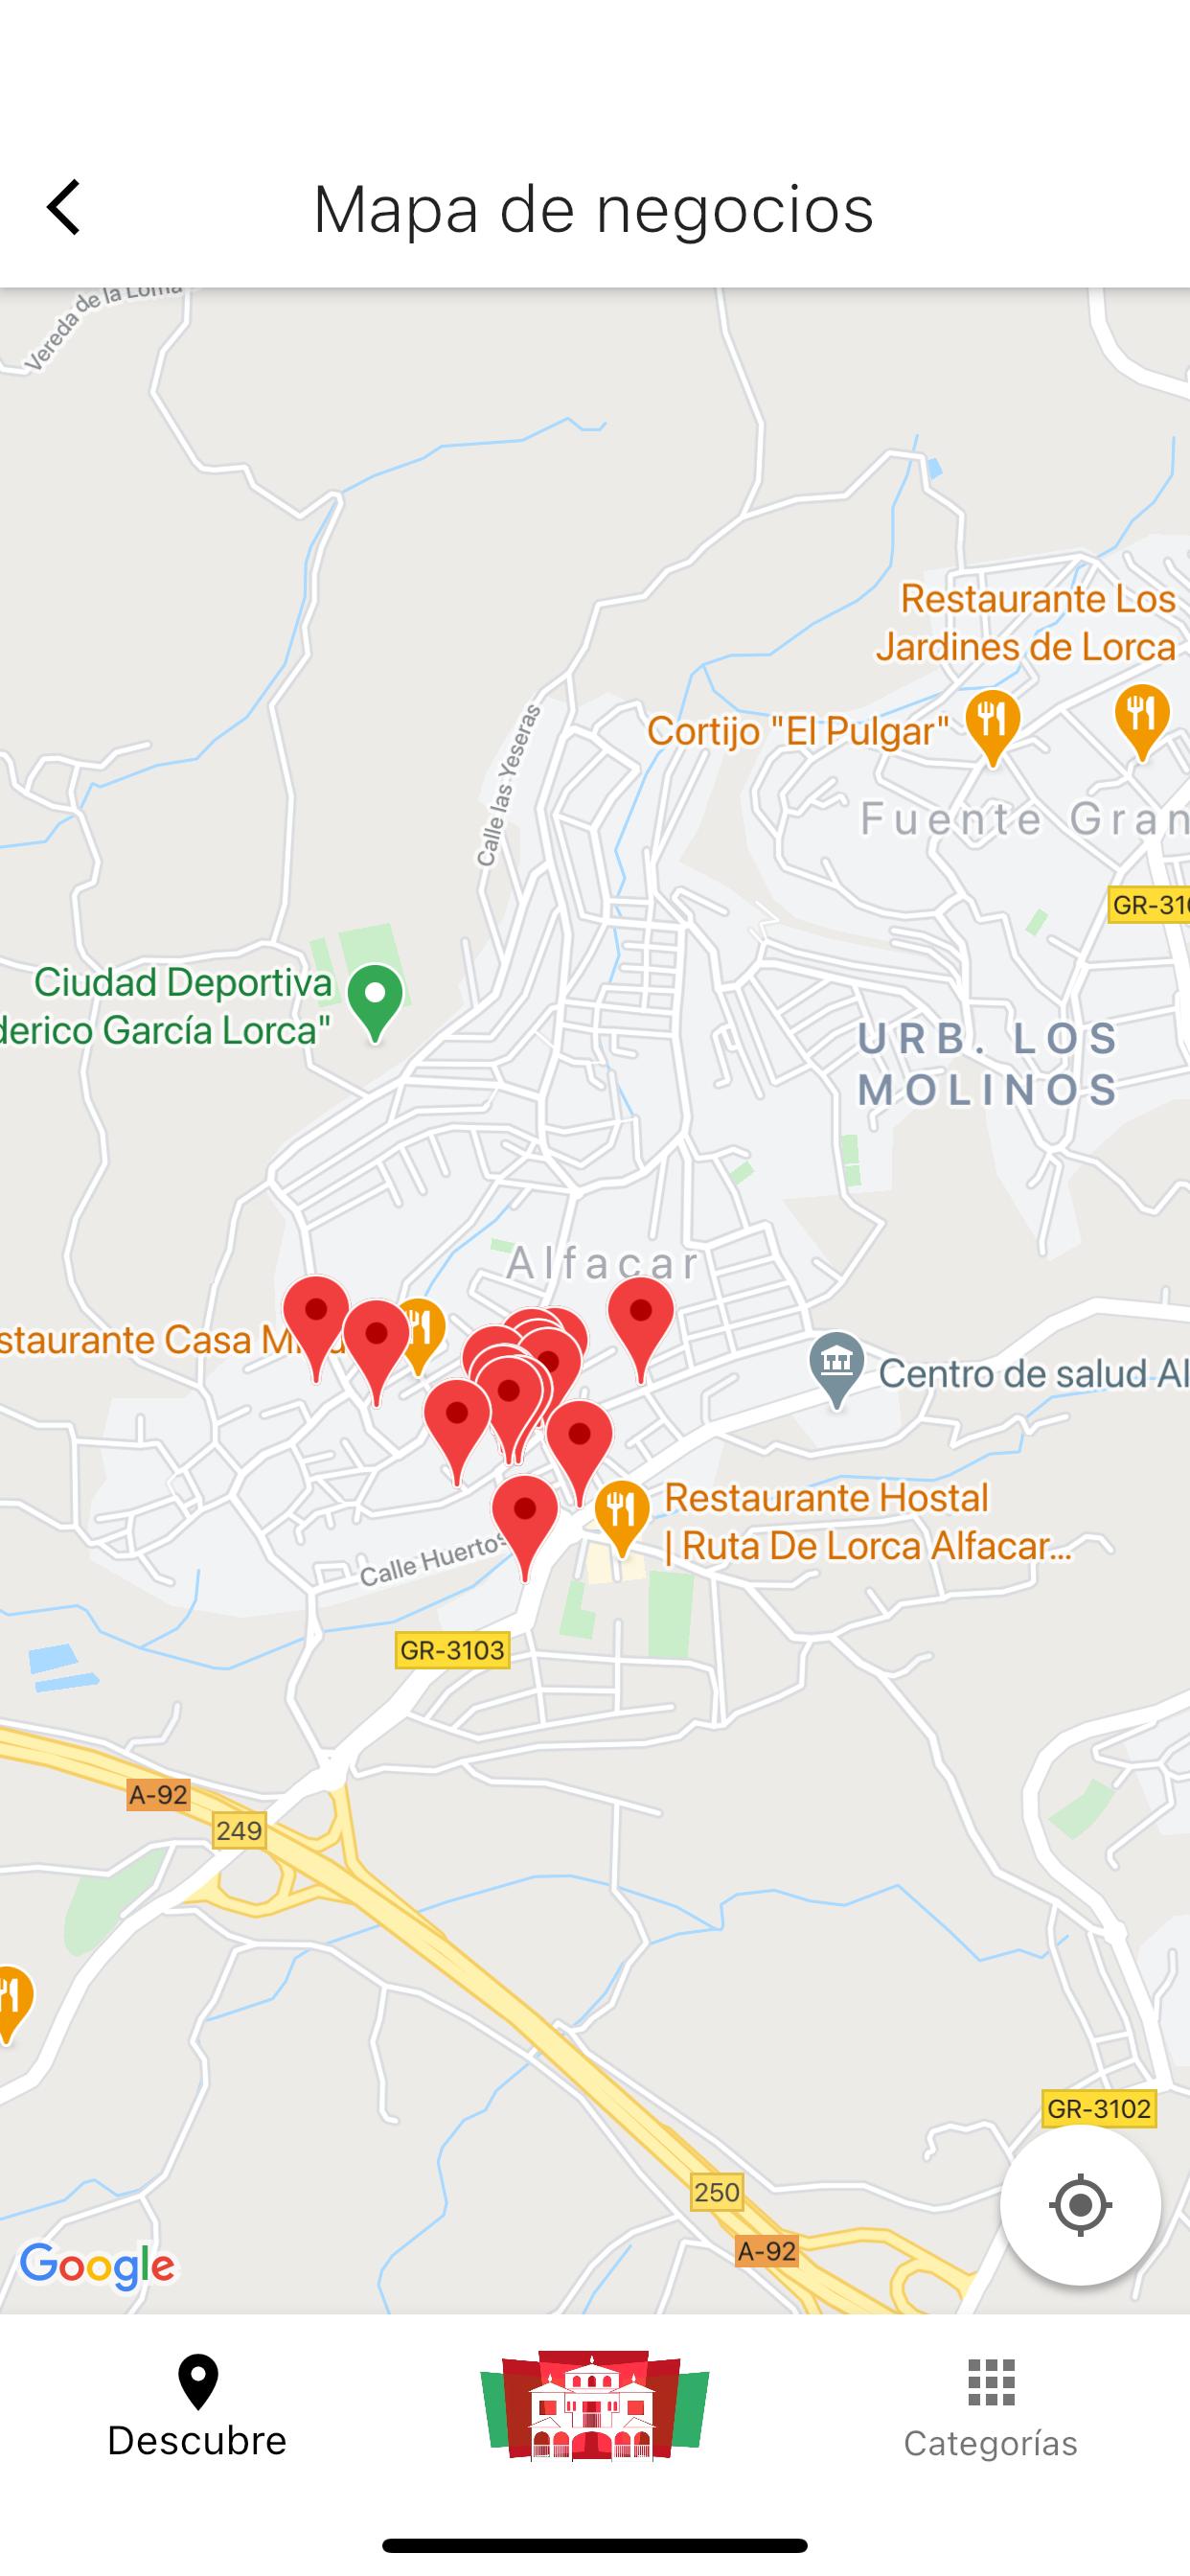 Mapa de comercios locales